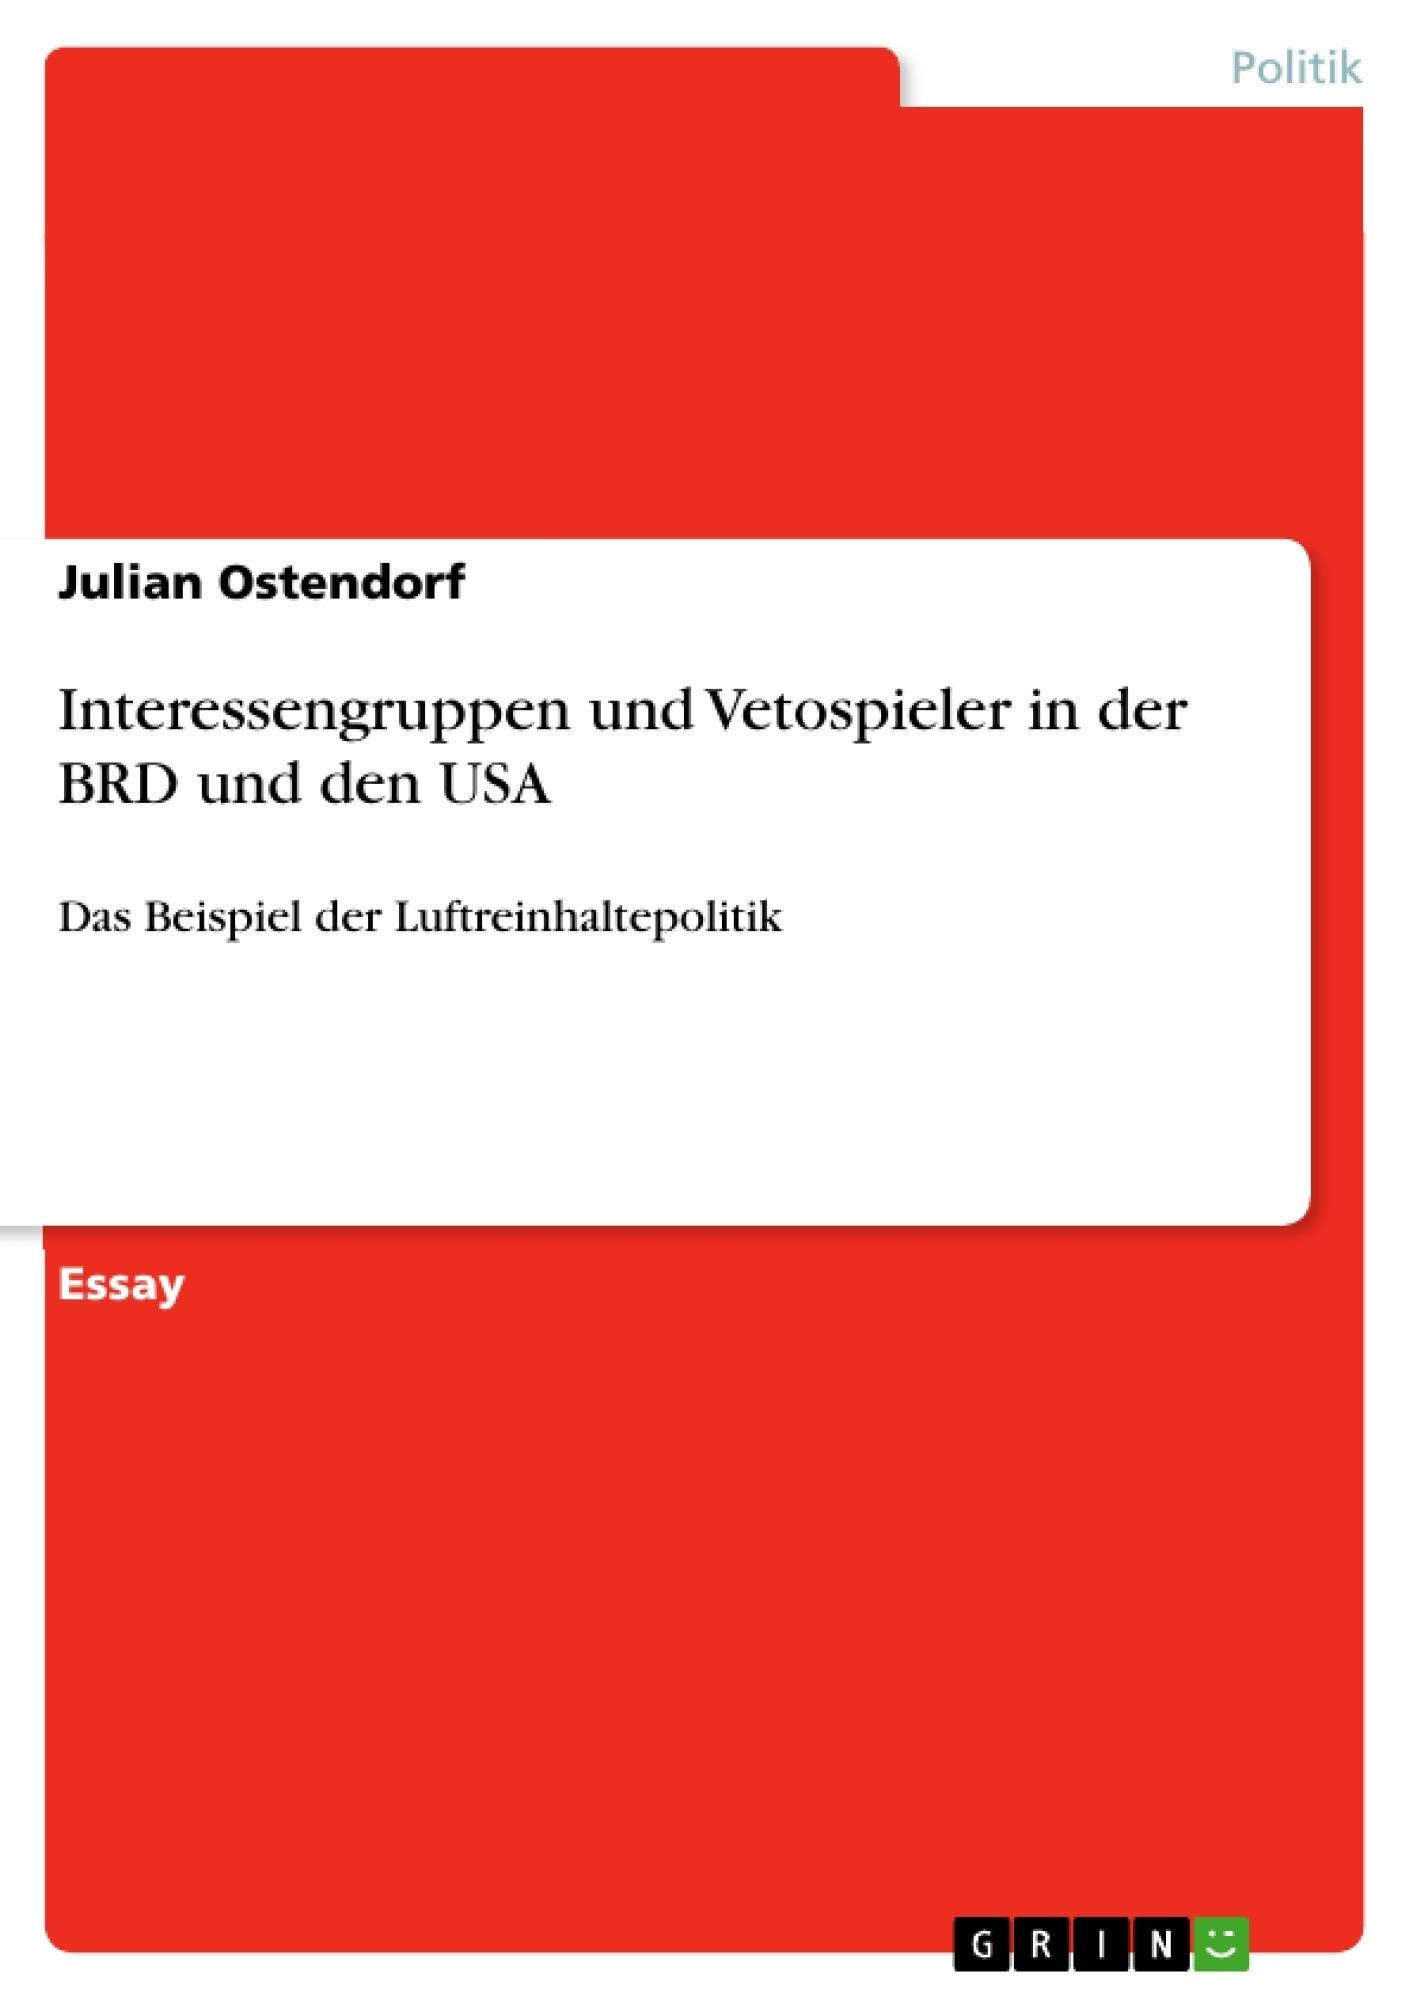 Titel: Interessengruppen und Vetospieler in der BRD und den USA